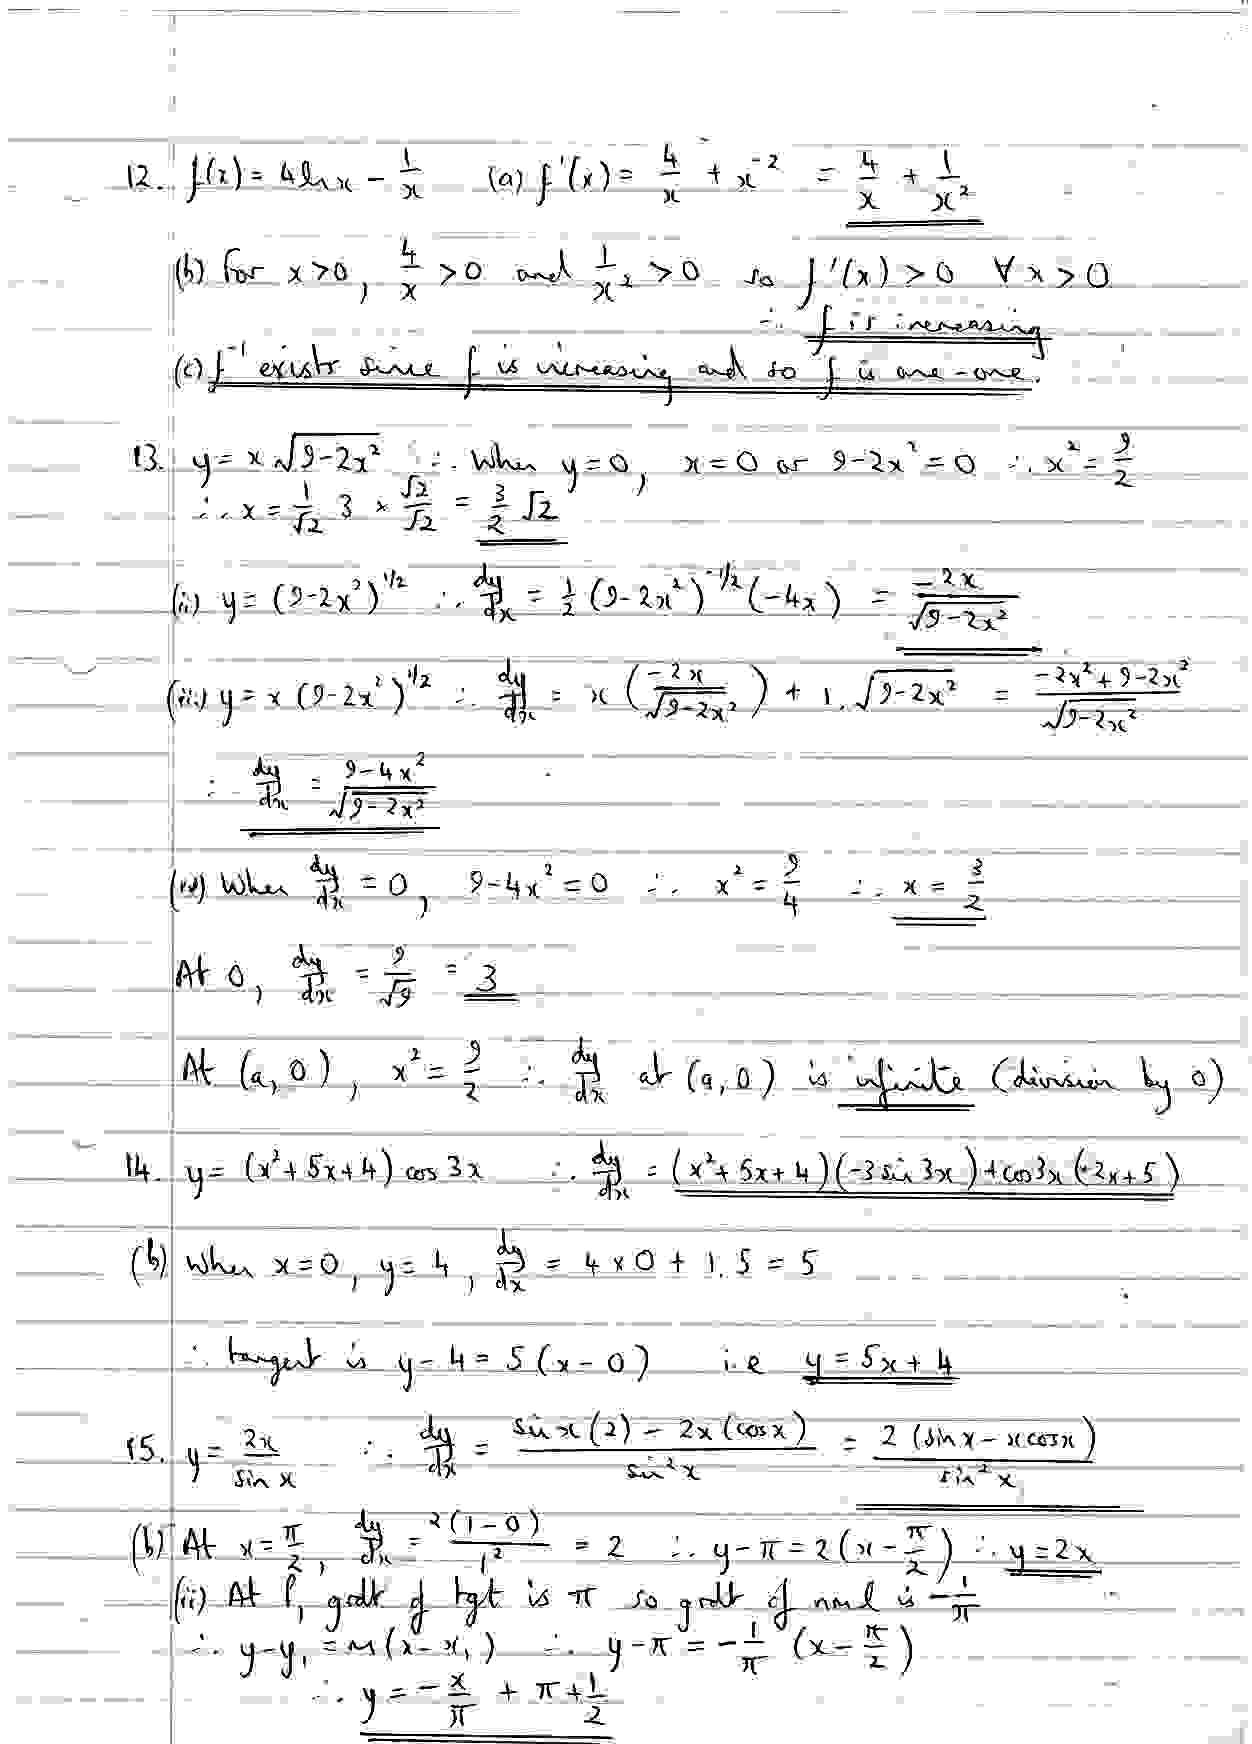 Exame c4